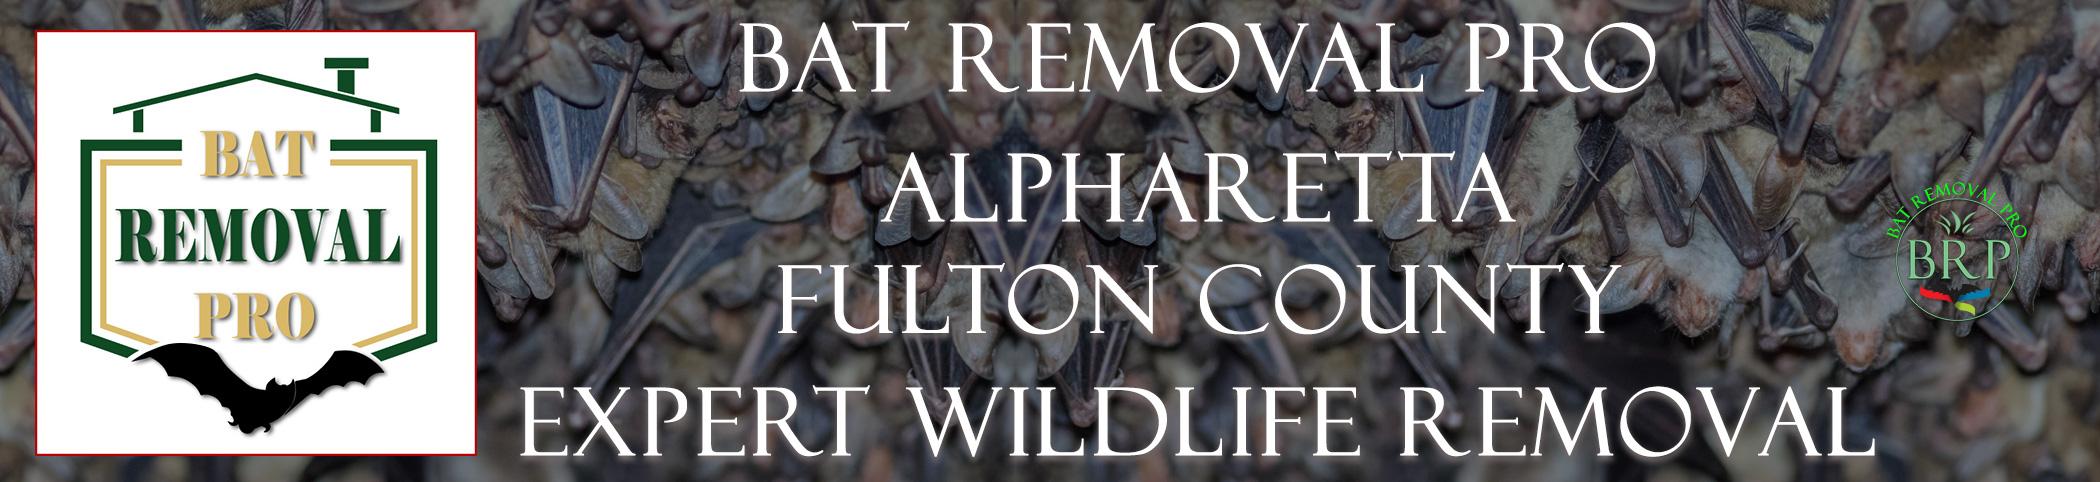 ALPHARETTA-FULTON-COUNTY-georgia-bat-removal-at-bat-removal-pro